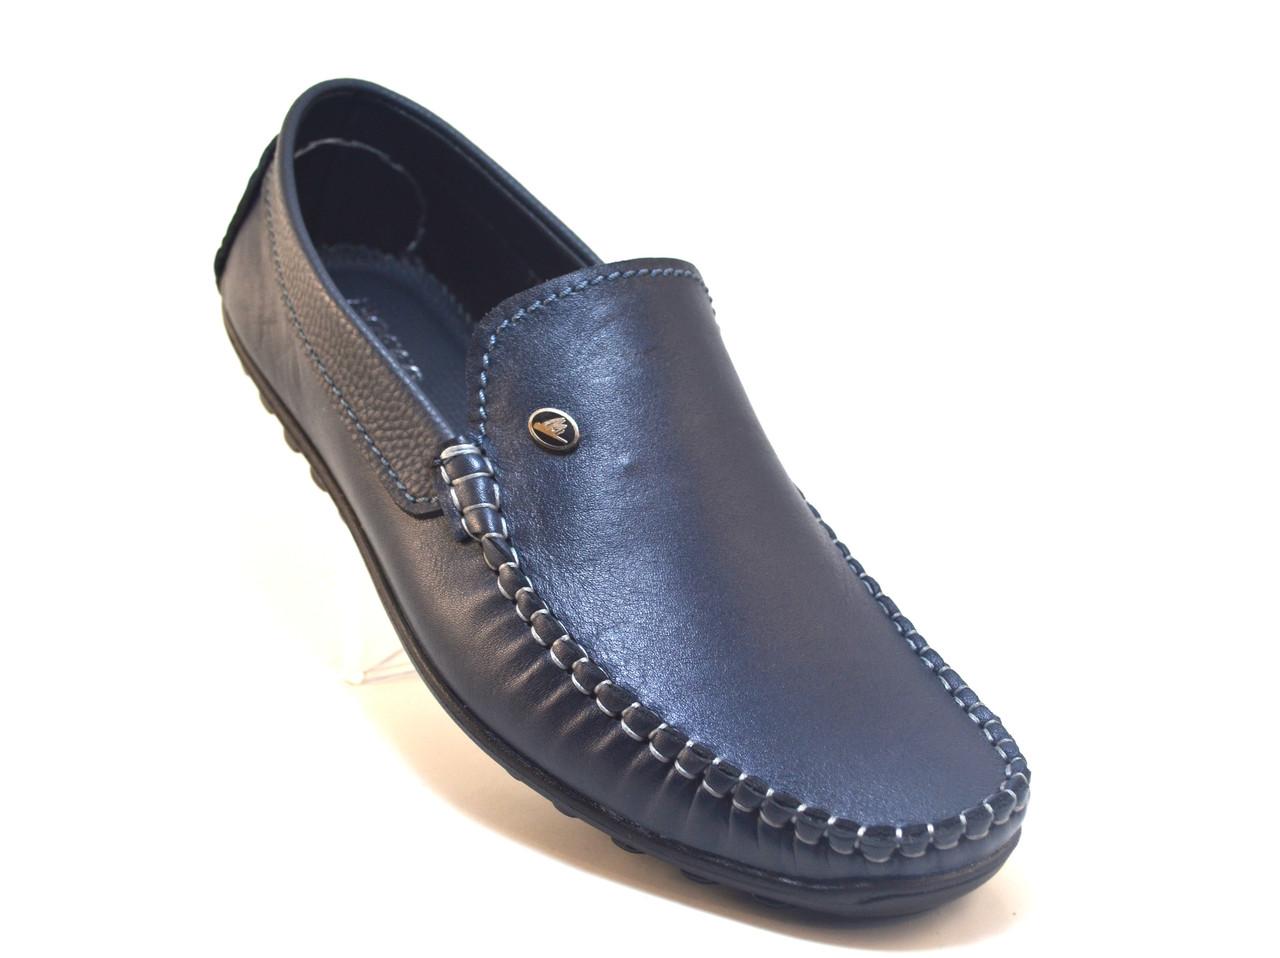 Мокасины из натуральной кожи синие Rosso Avangard BS M4. Обувь больших размеров мужская